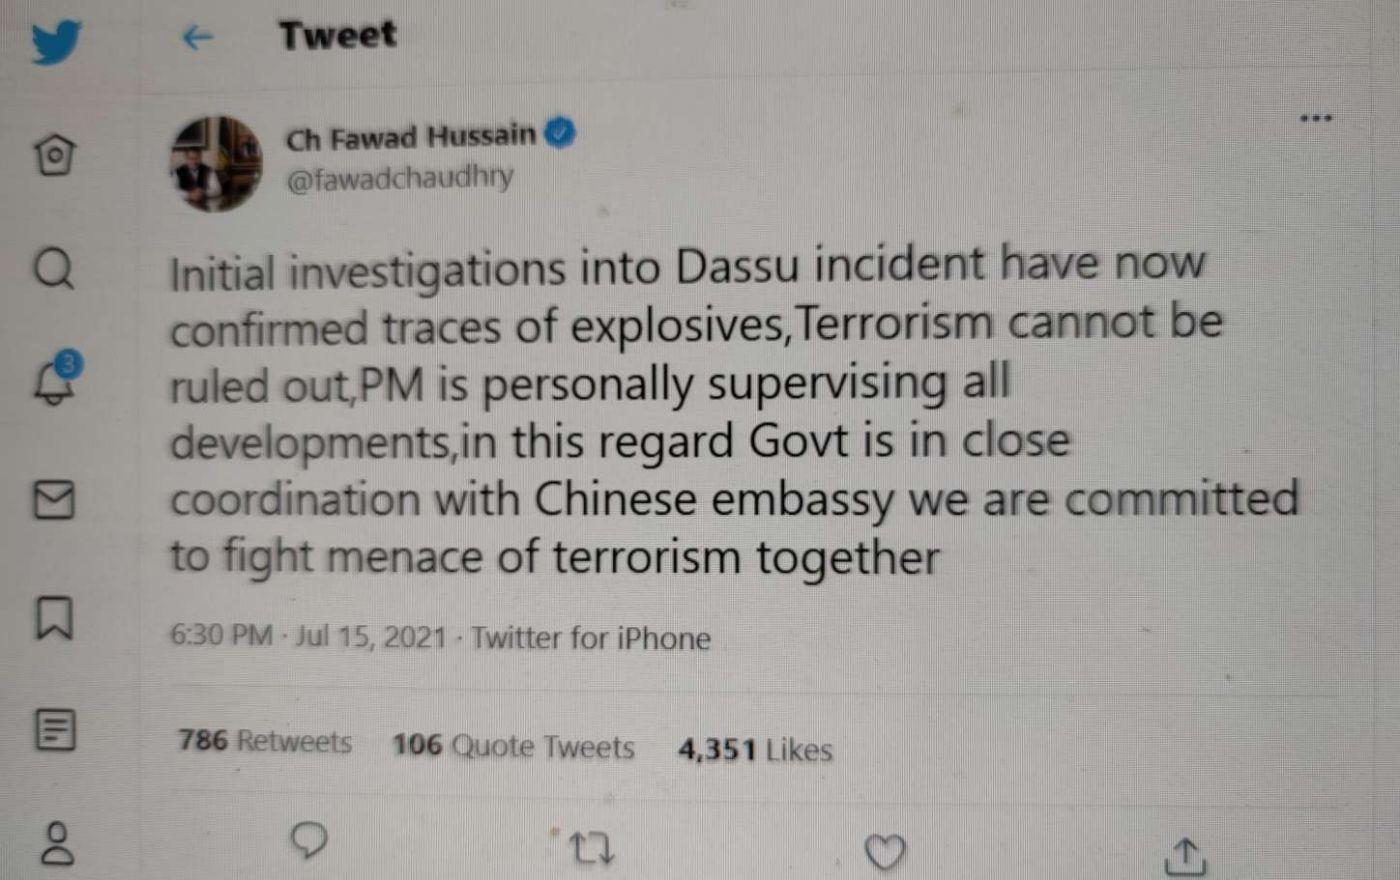 巴方认定大巴爆炸是恐袭吗_图1-6